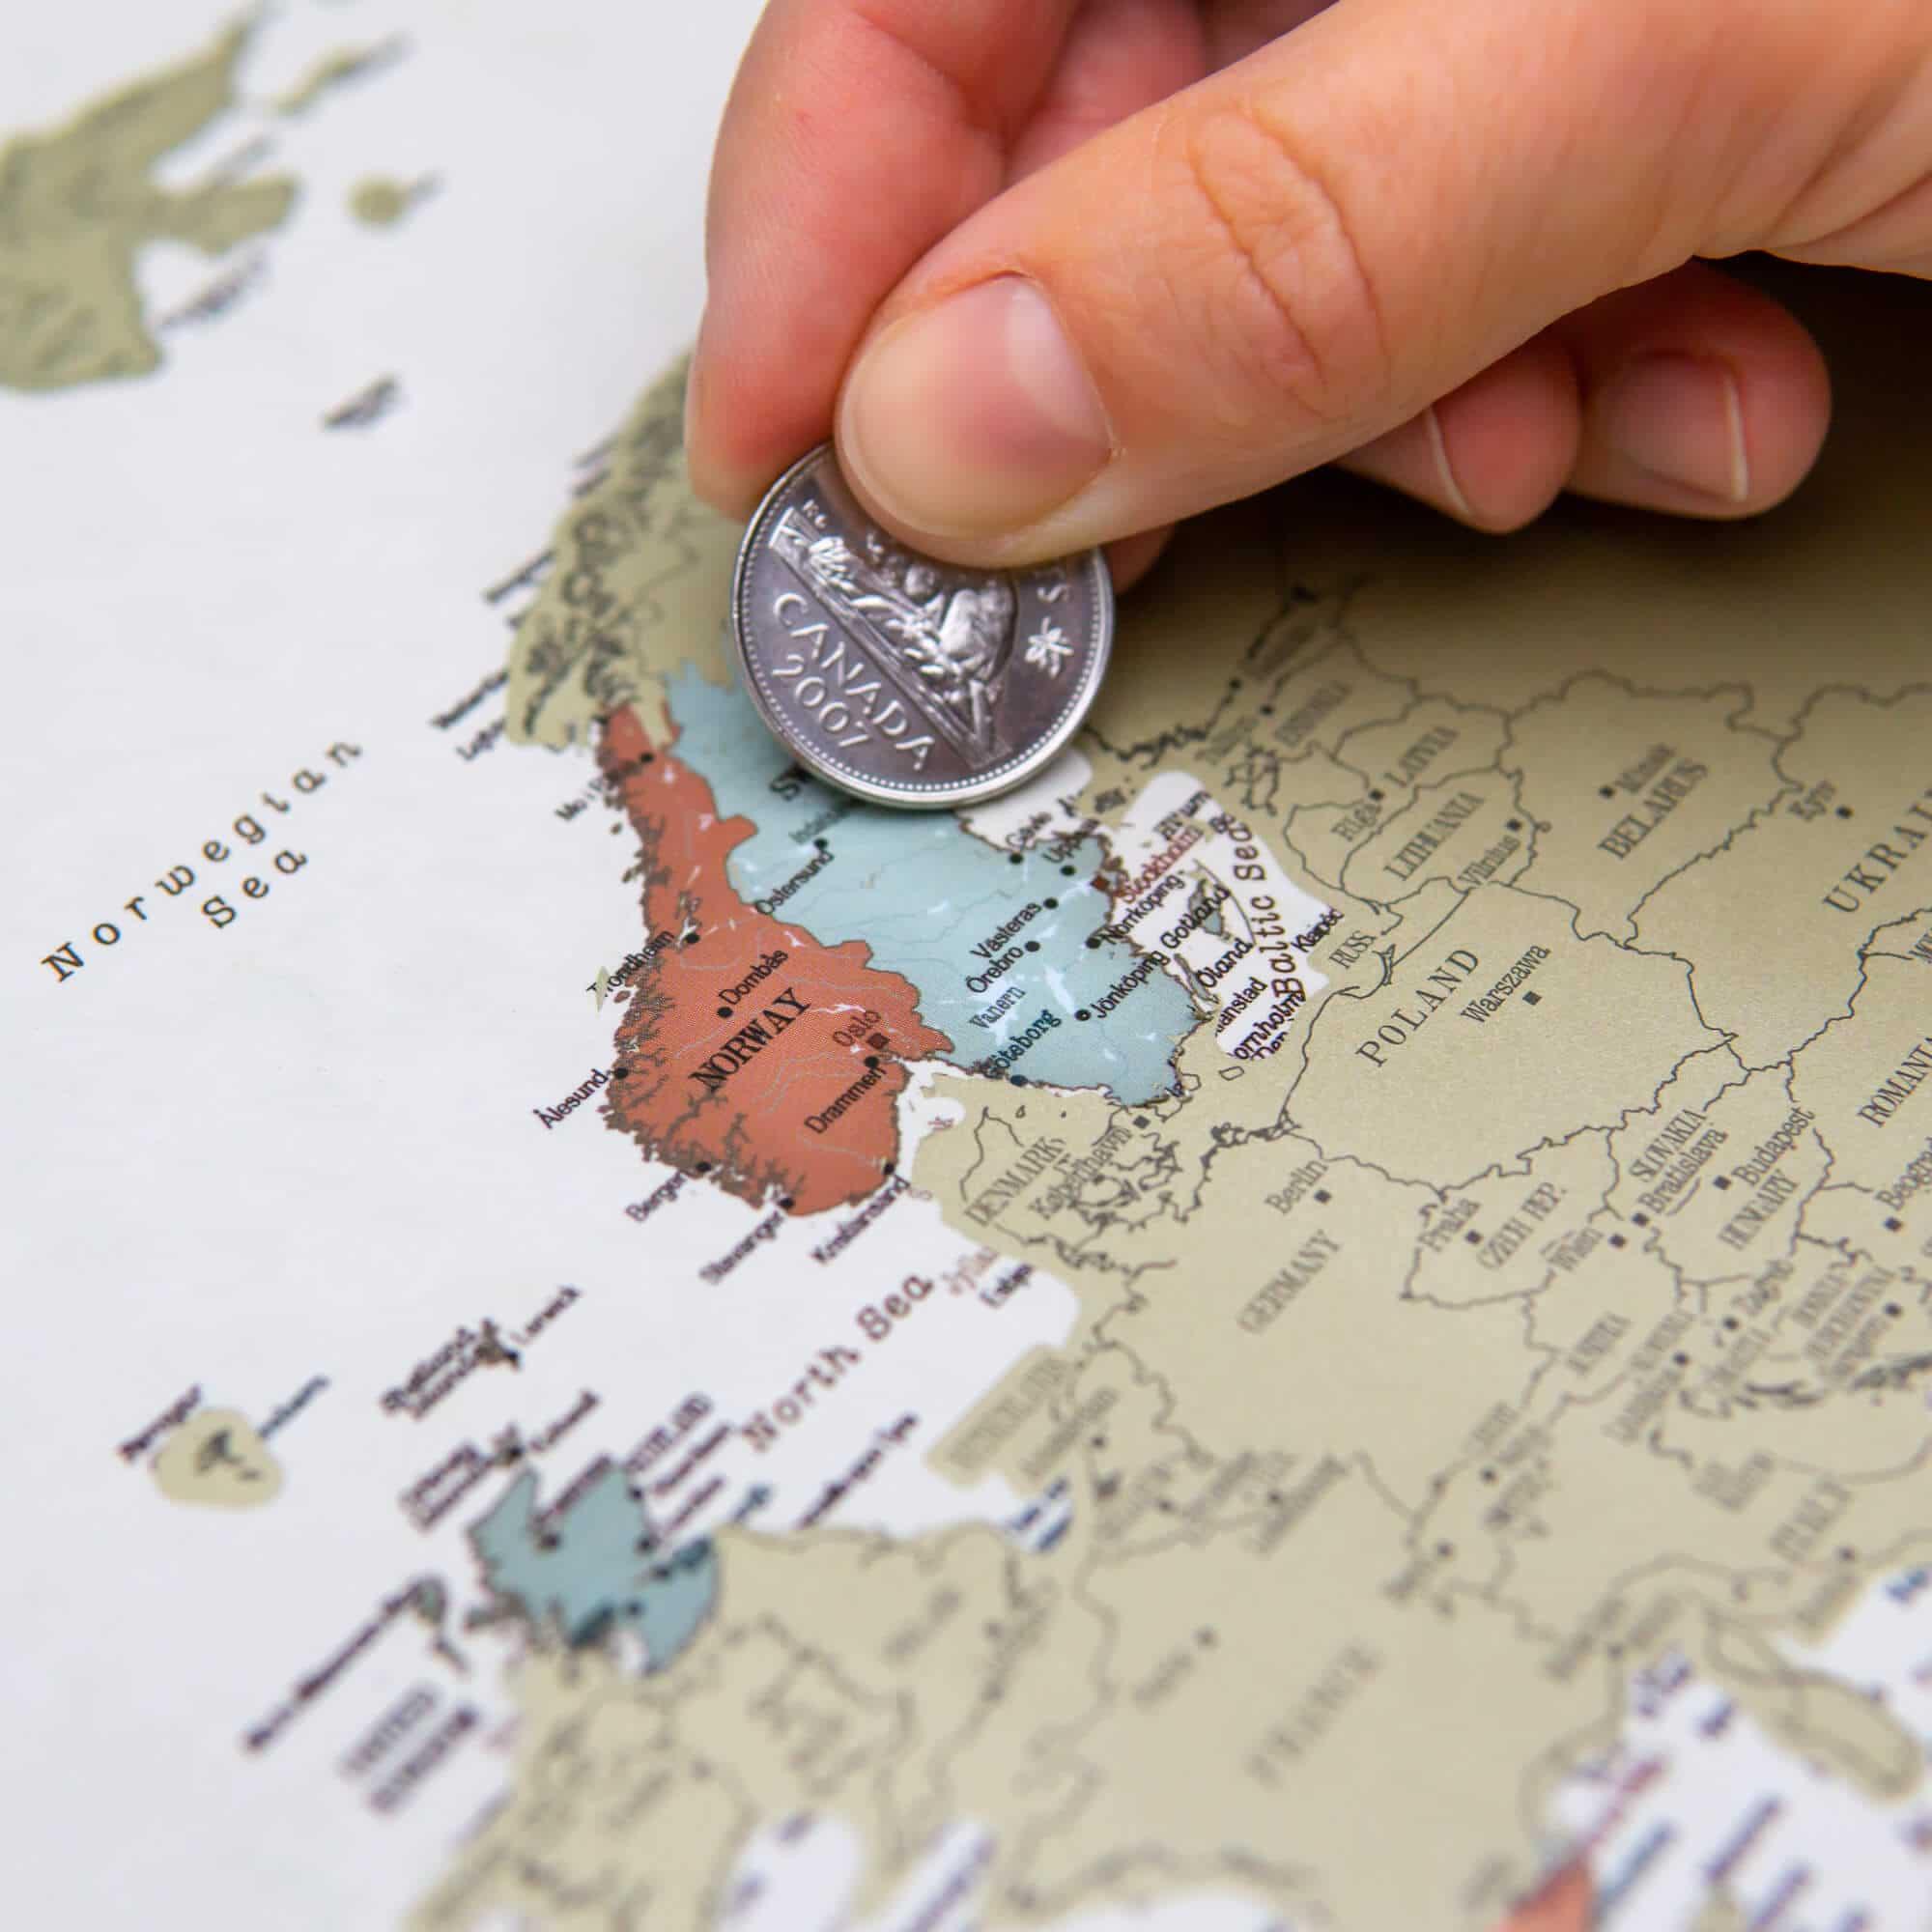 Nutrinamas pasaulio zemelapis compass kaina